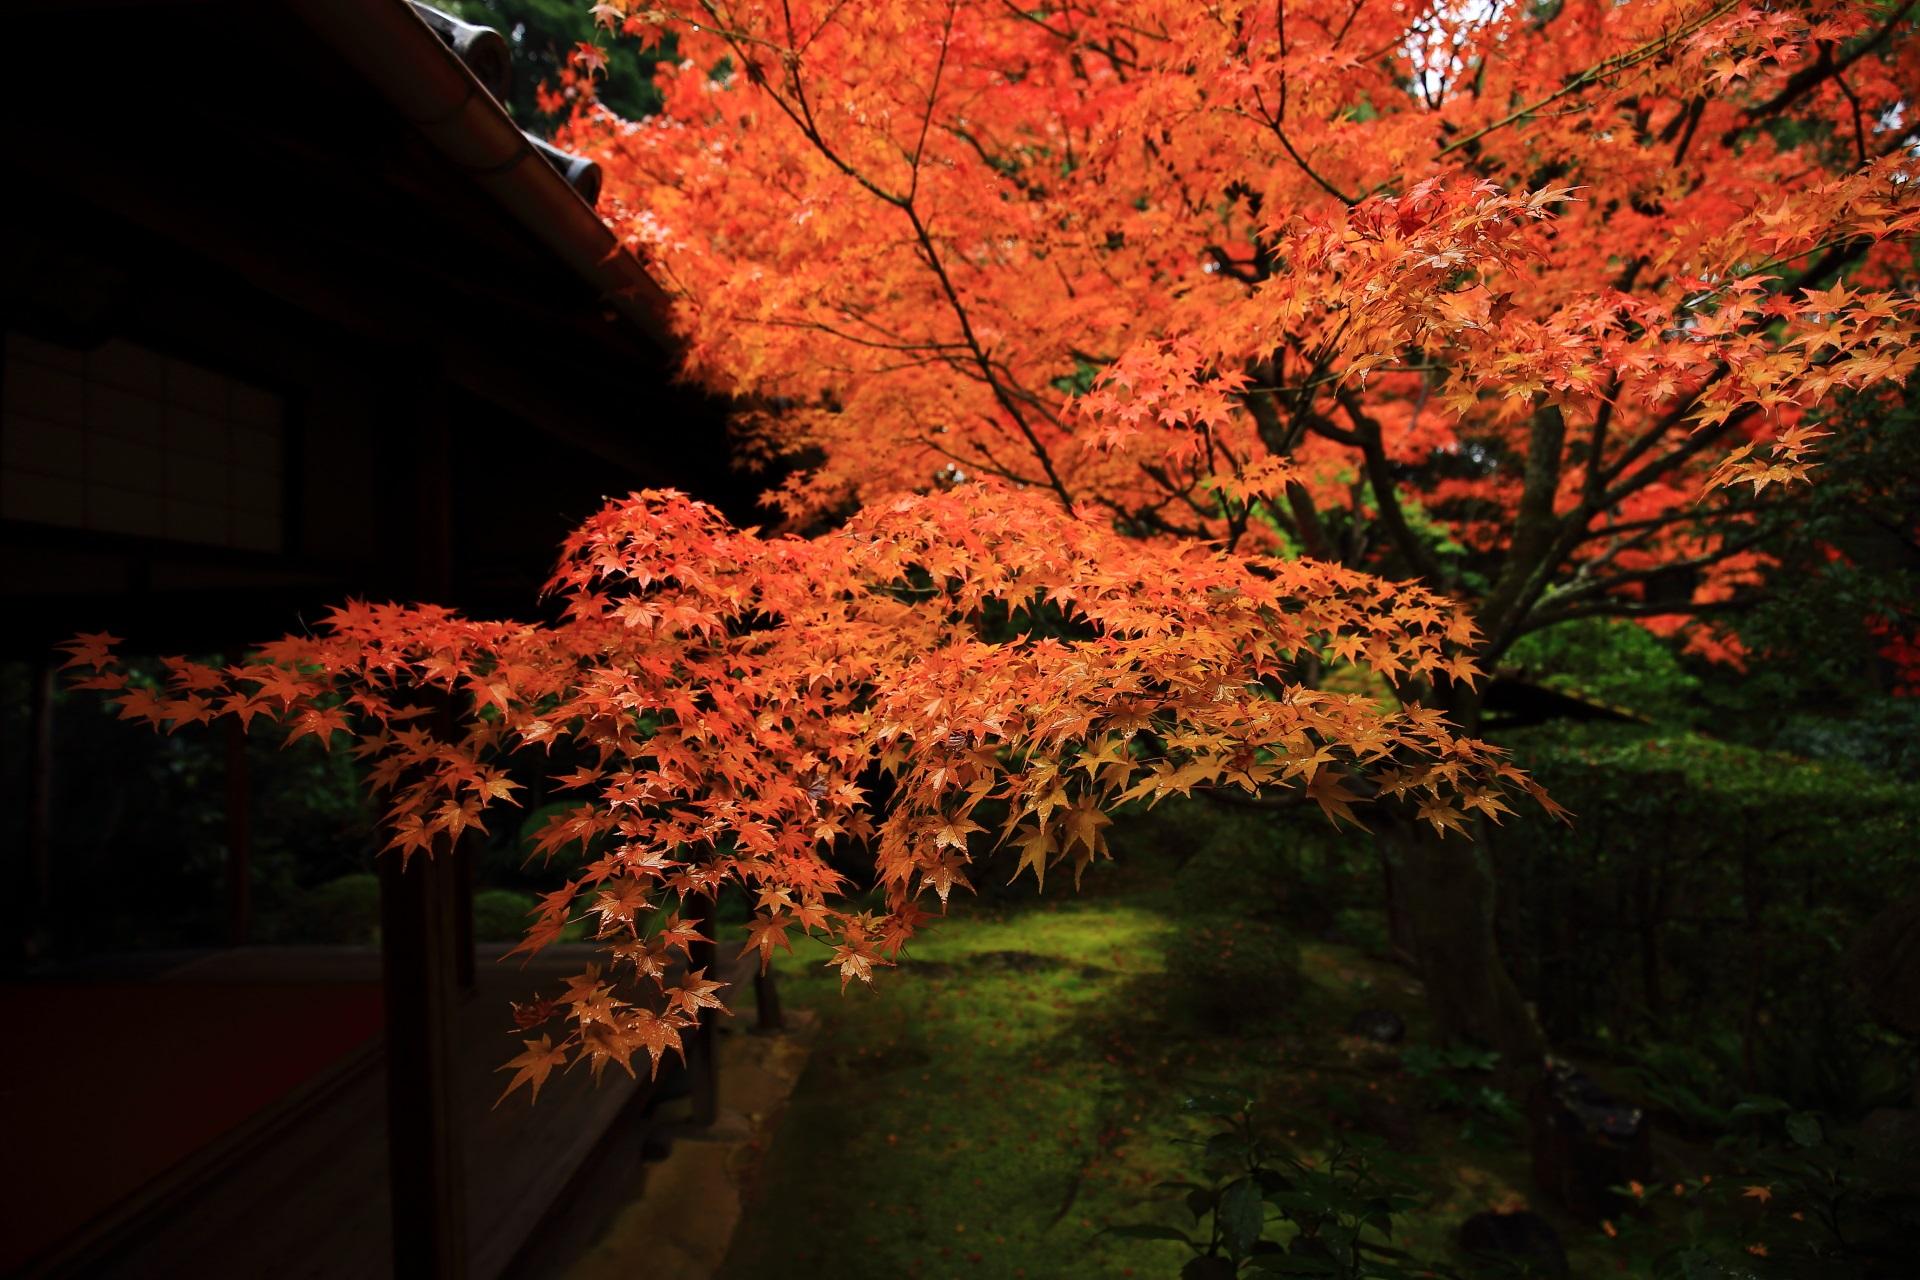 葉の状態も非常に良さそうな桂春院の溢れんばかりの紅葉